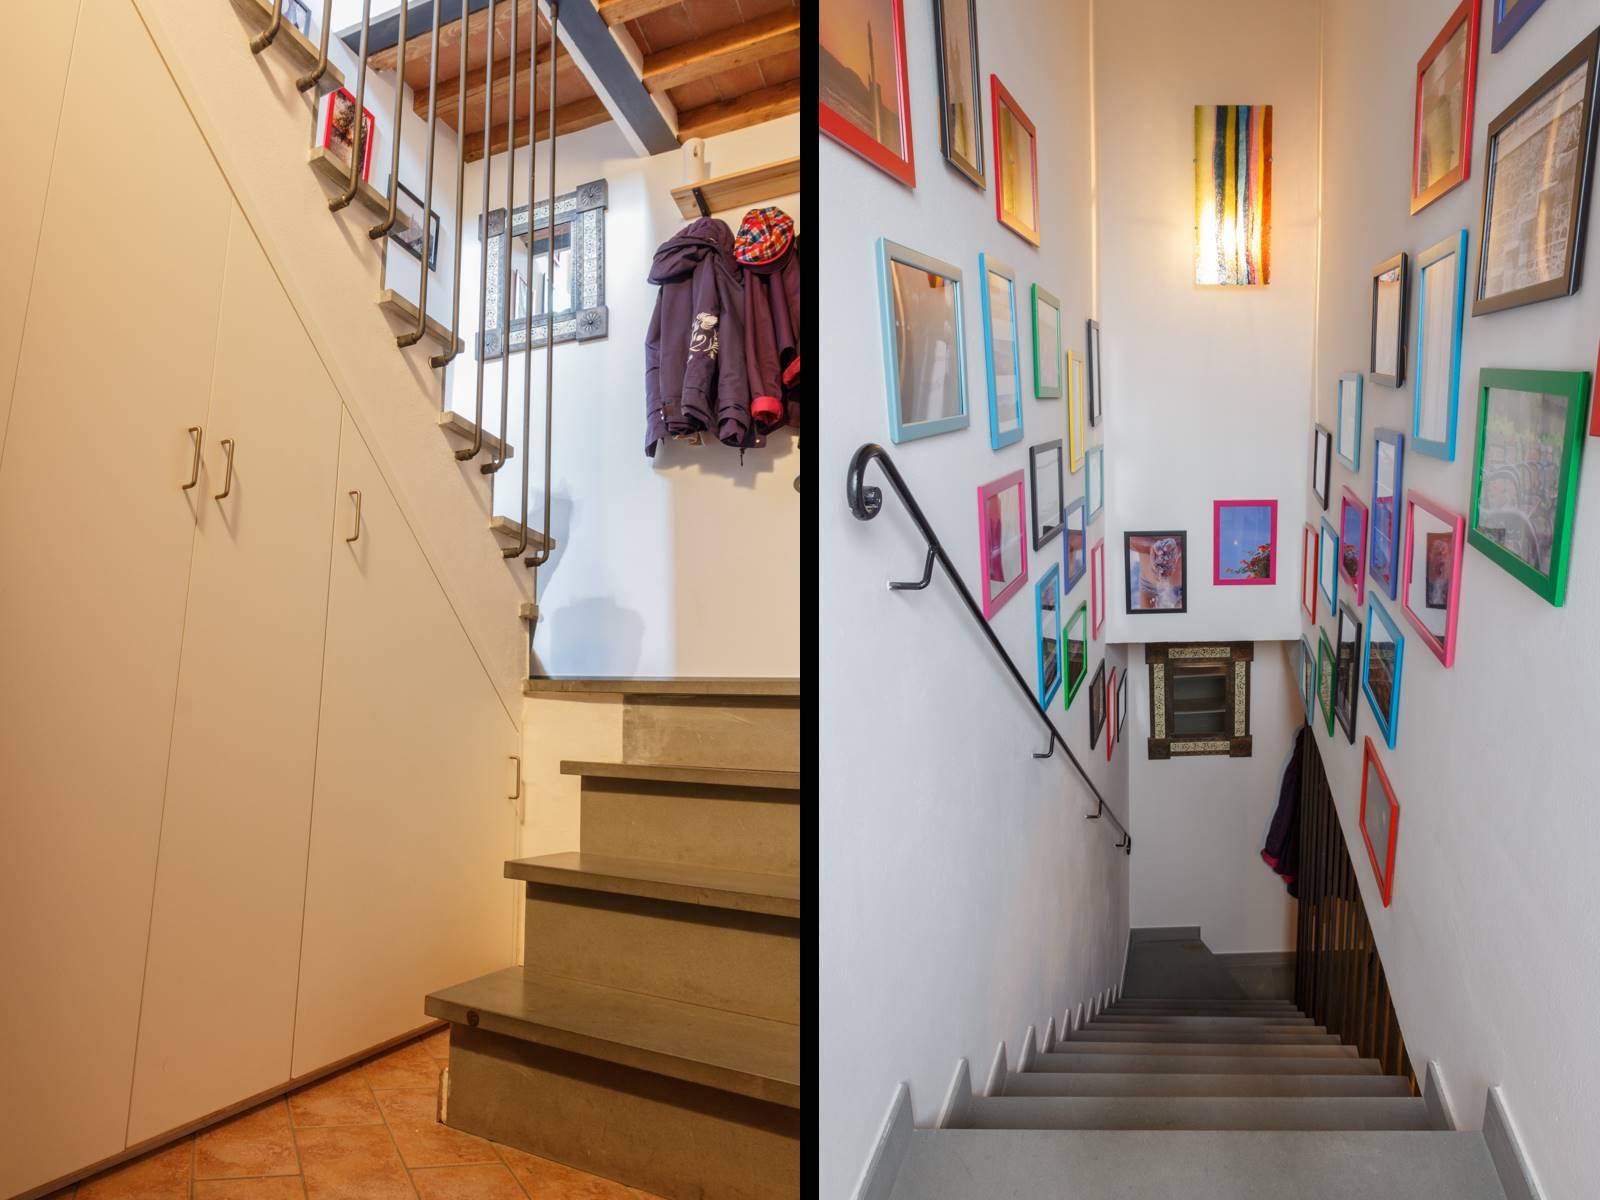 Appartamento in Vendita a Prato zona San giorgio a colonica - immagine 2